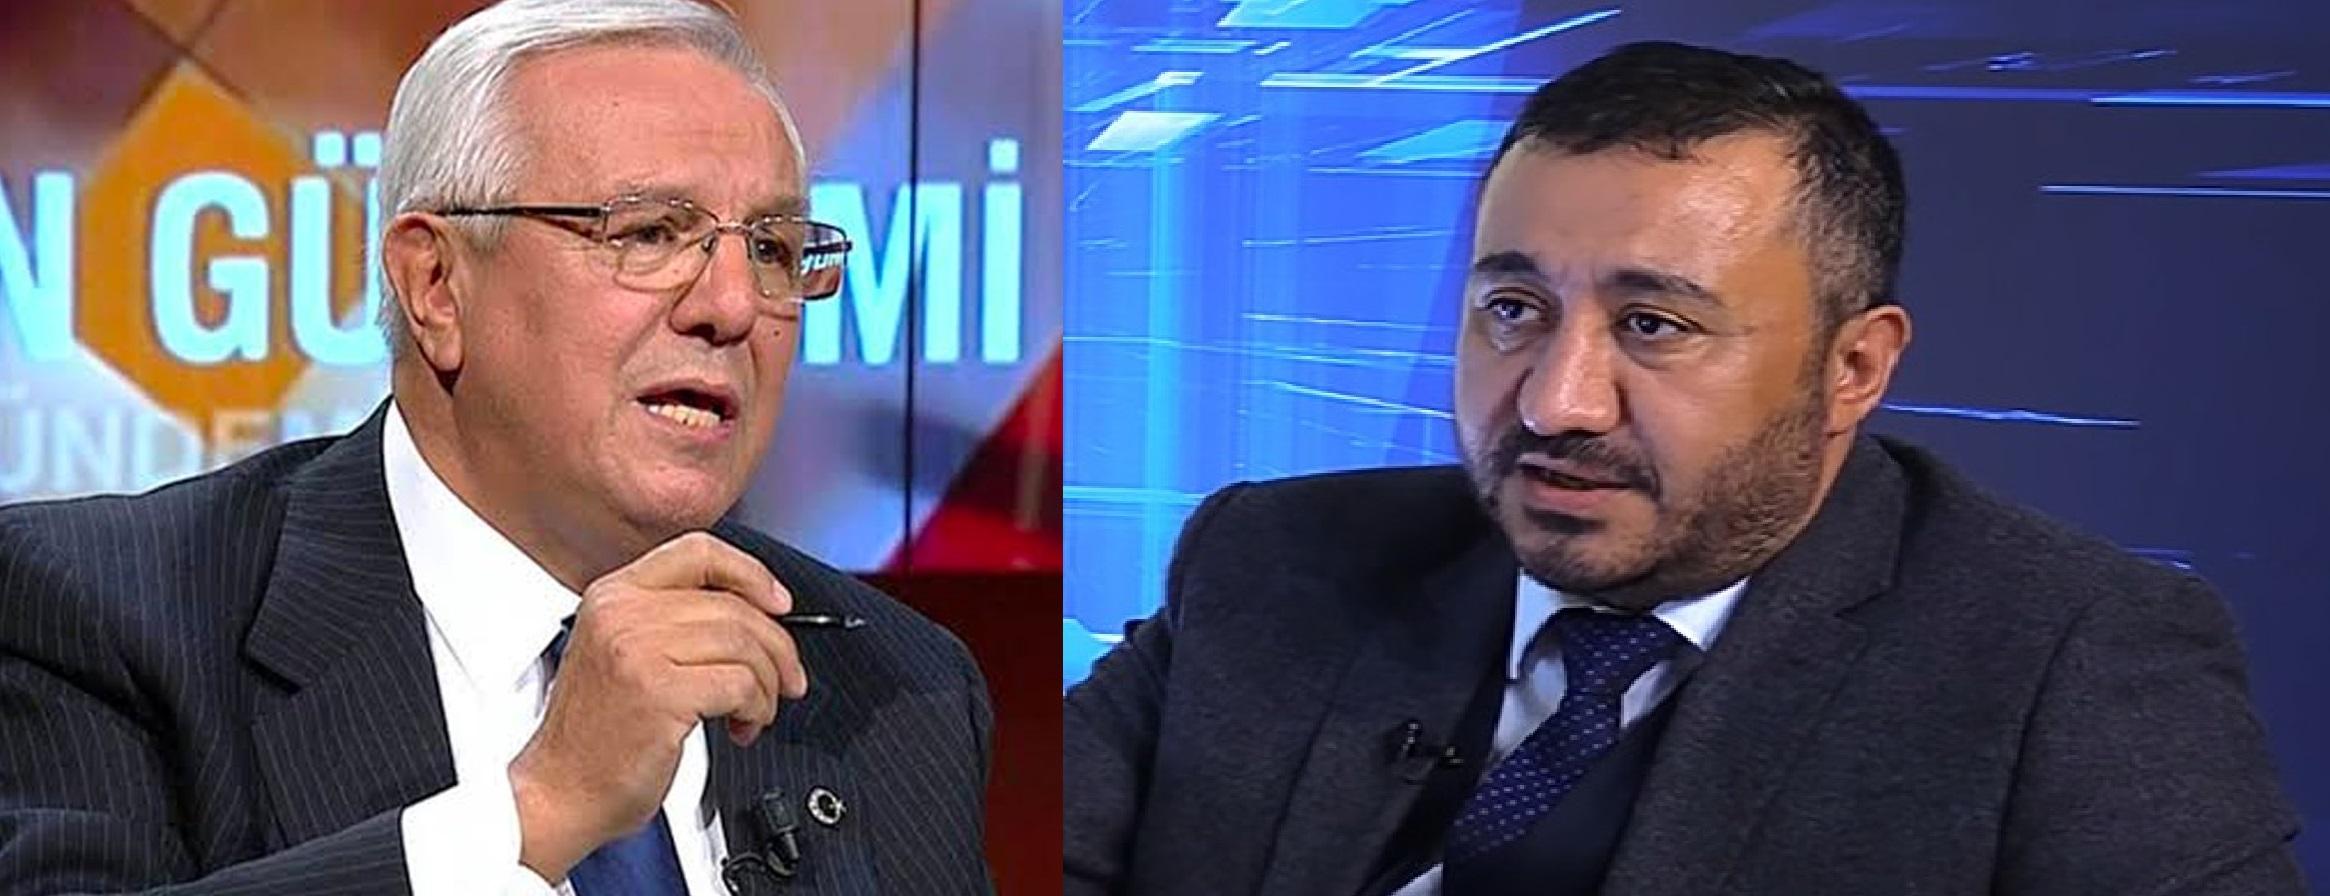 Halk TV'de Erdoğan aday olmayacak tartışması